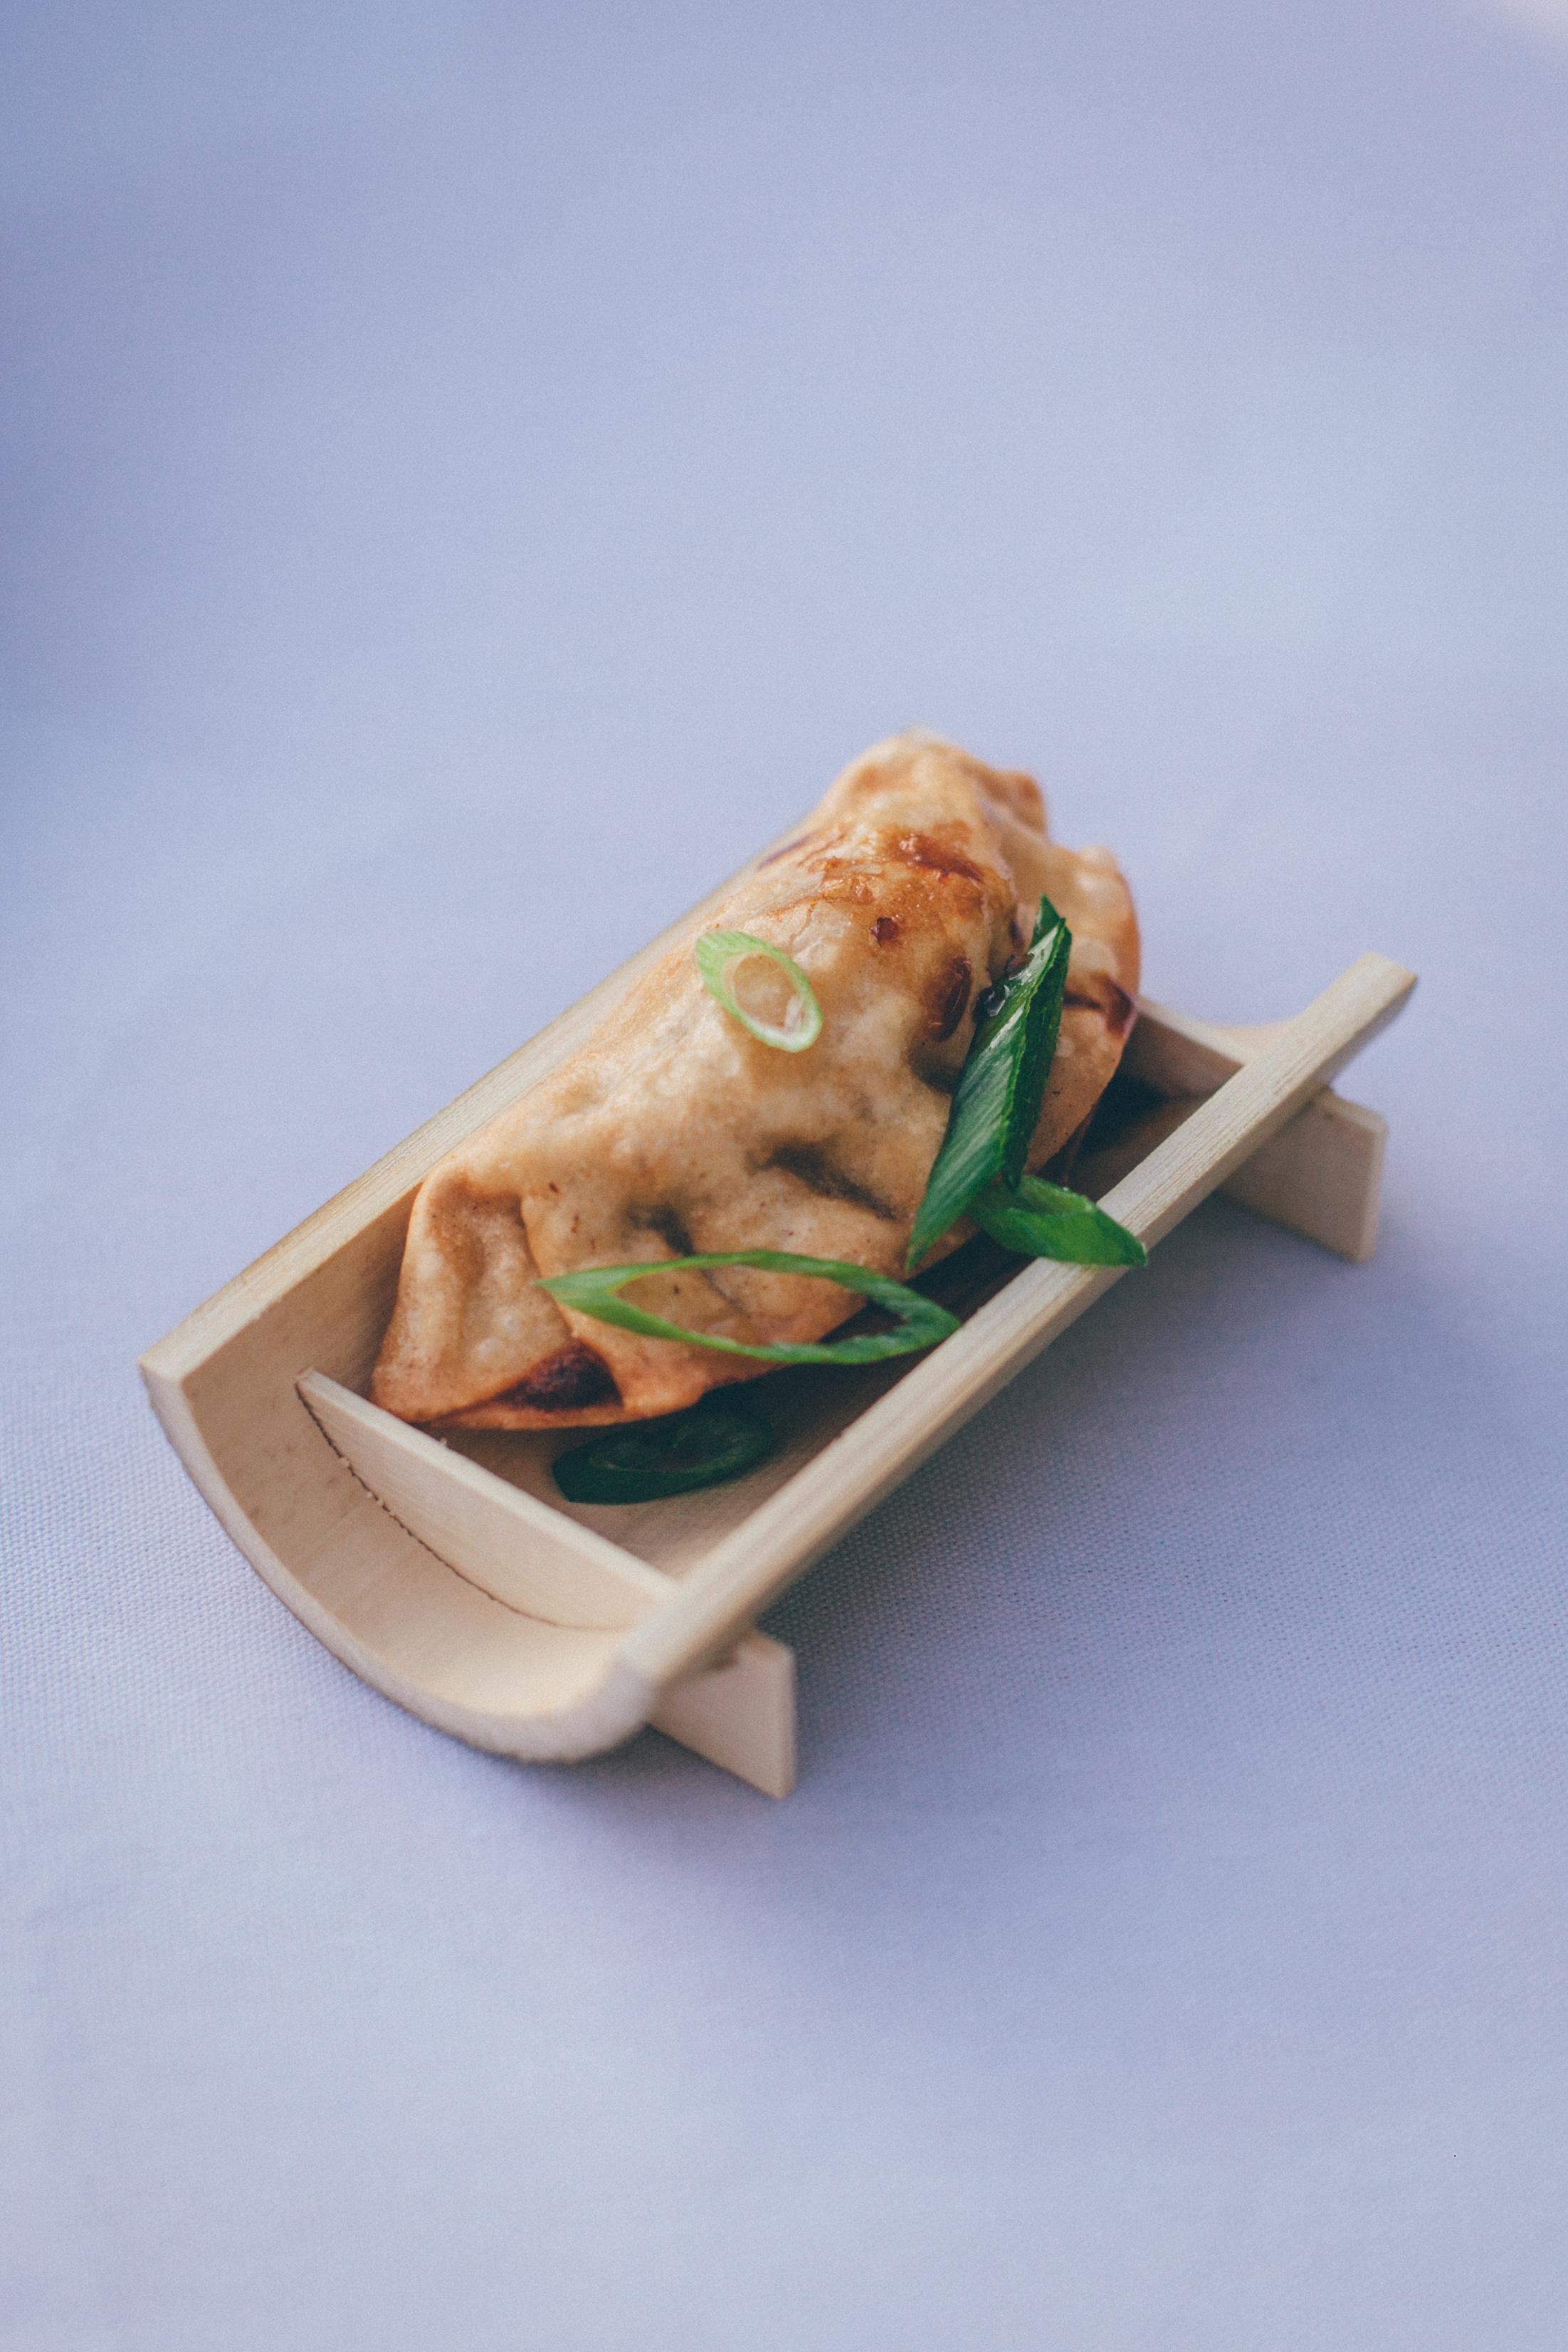 Fried Lemongrass Chicken Wonton